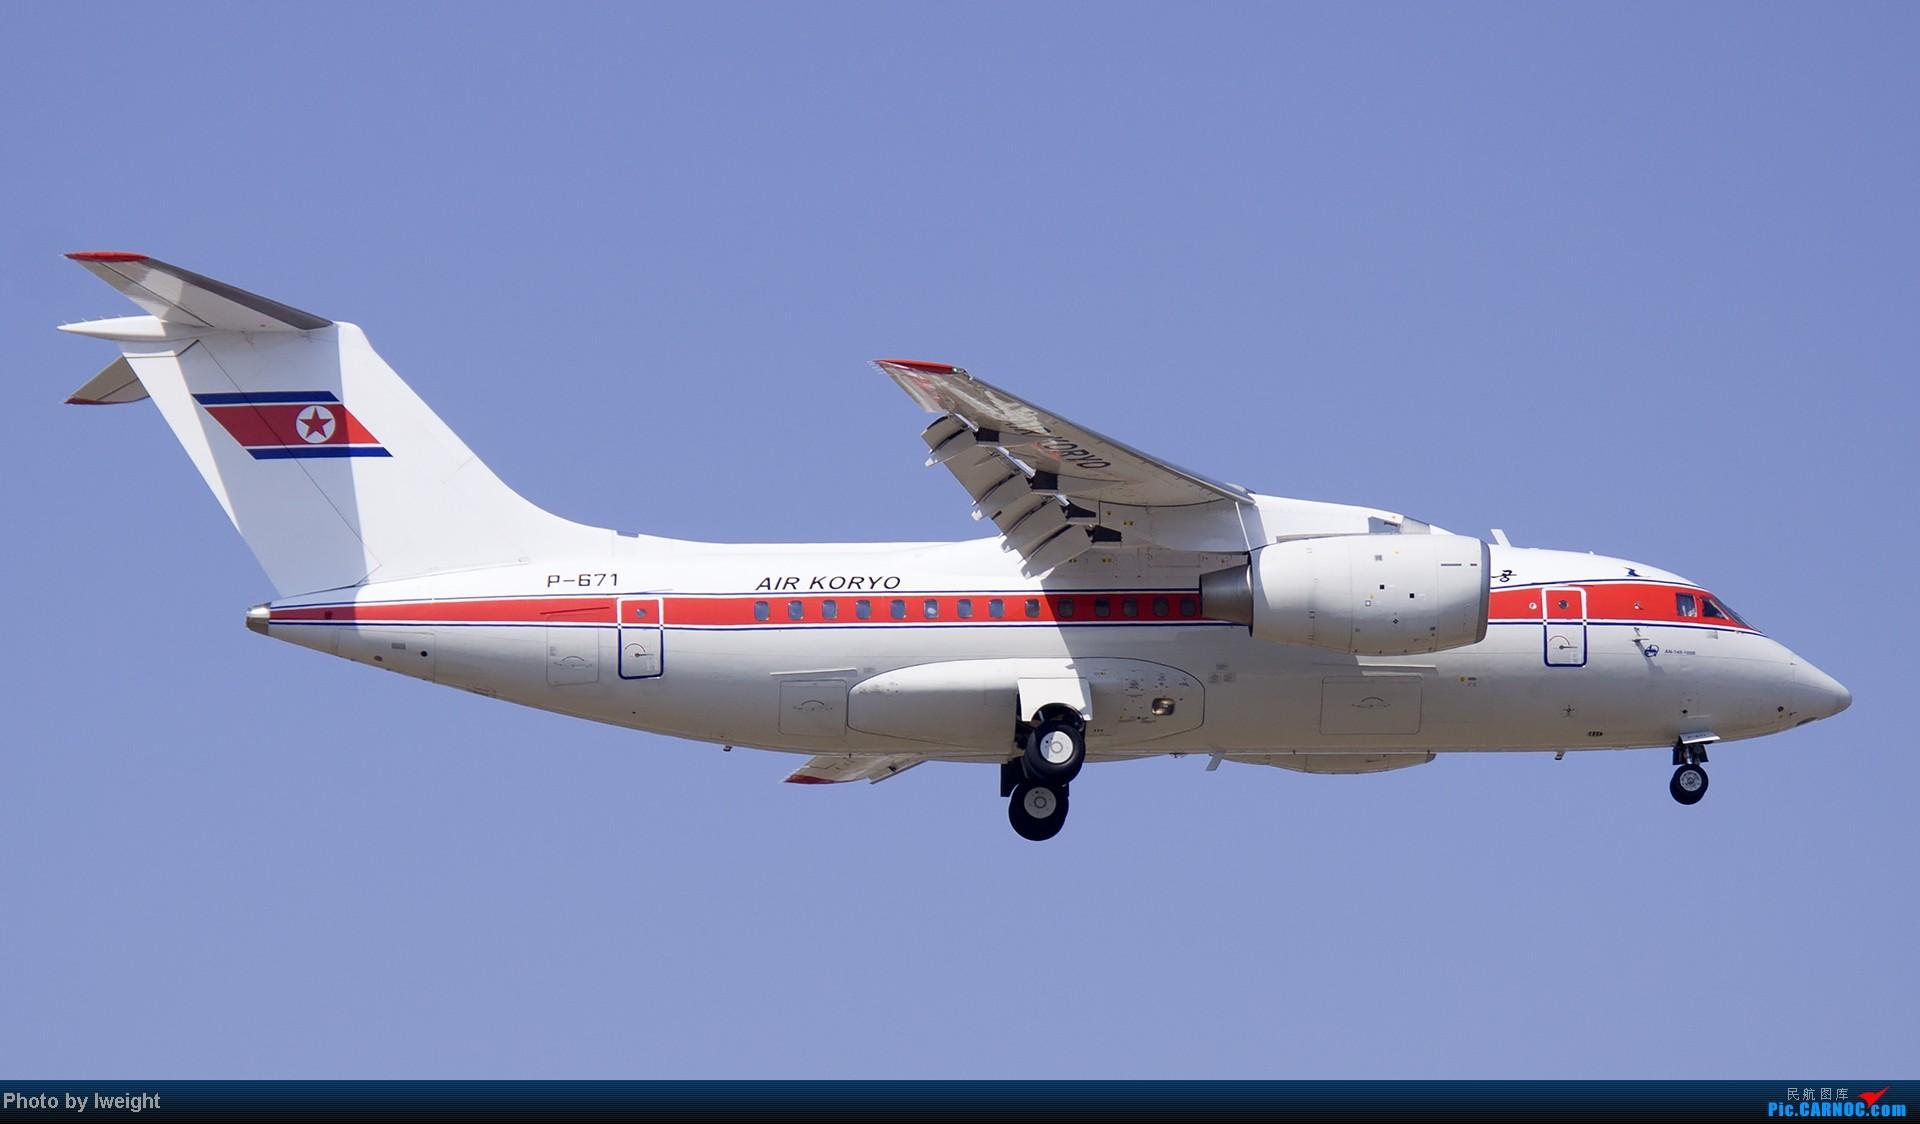 Re:[原创]北京难得的好天气,收获多种机型和彩绘,遗憾的是再次错过卡航巴塞罗那彩绘 ANTONOV AN-148 P-671 中国北京首都机场